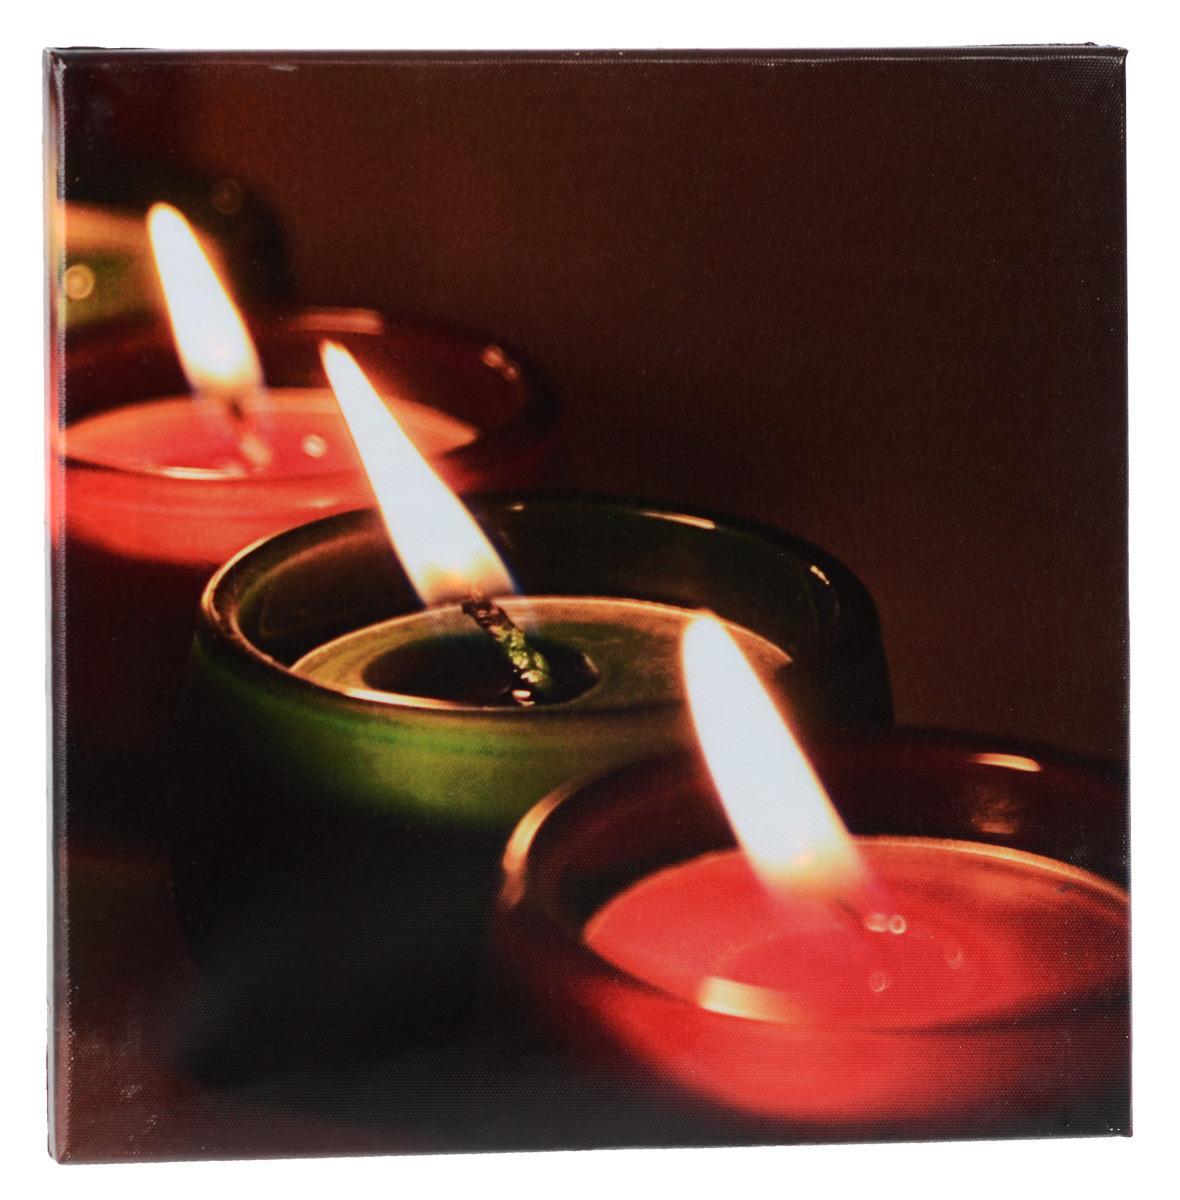 Картина MTH Три свечи, со светодиодами, 30 см х 30 см1204Картина MTH Три свечи выполнена на основе из МДФ, обтянутой холстом.Изделие оснащено светодиодами. Их теплый мерцающий в темноте светоживит ваш дом и добавит ему уюта. На картине изображены 3 декоративные свечи. Благодаря светодиодной подсветке создается ощущение, что теплый свет, исходящий от свечей, действительно может согревать. С оборотной стороны картина оснащена специальным отверстием для подвешивания на стену.Необычная картина придаст интерьеру невероятного шарма и оригинальности.Рисунок успокаивает нервную систему, помогая расслабиться и отвлечься отповседневных забот. Подсветка работает от 2 батареек типа АА напряжением 1,5V (в комплект не входят).